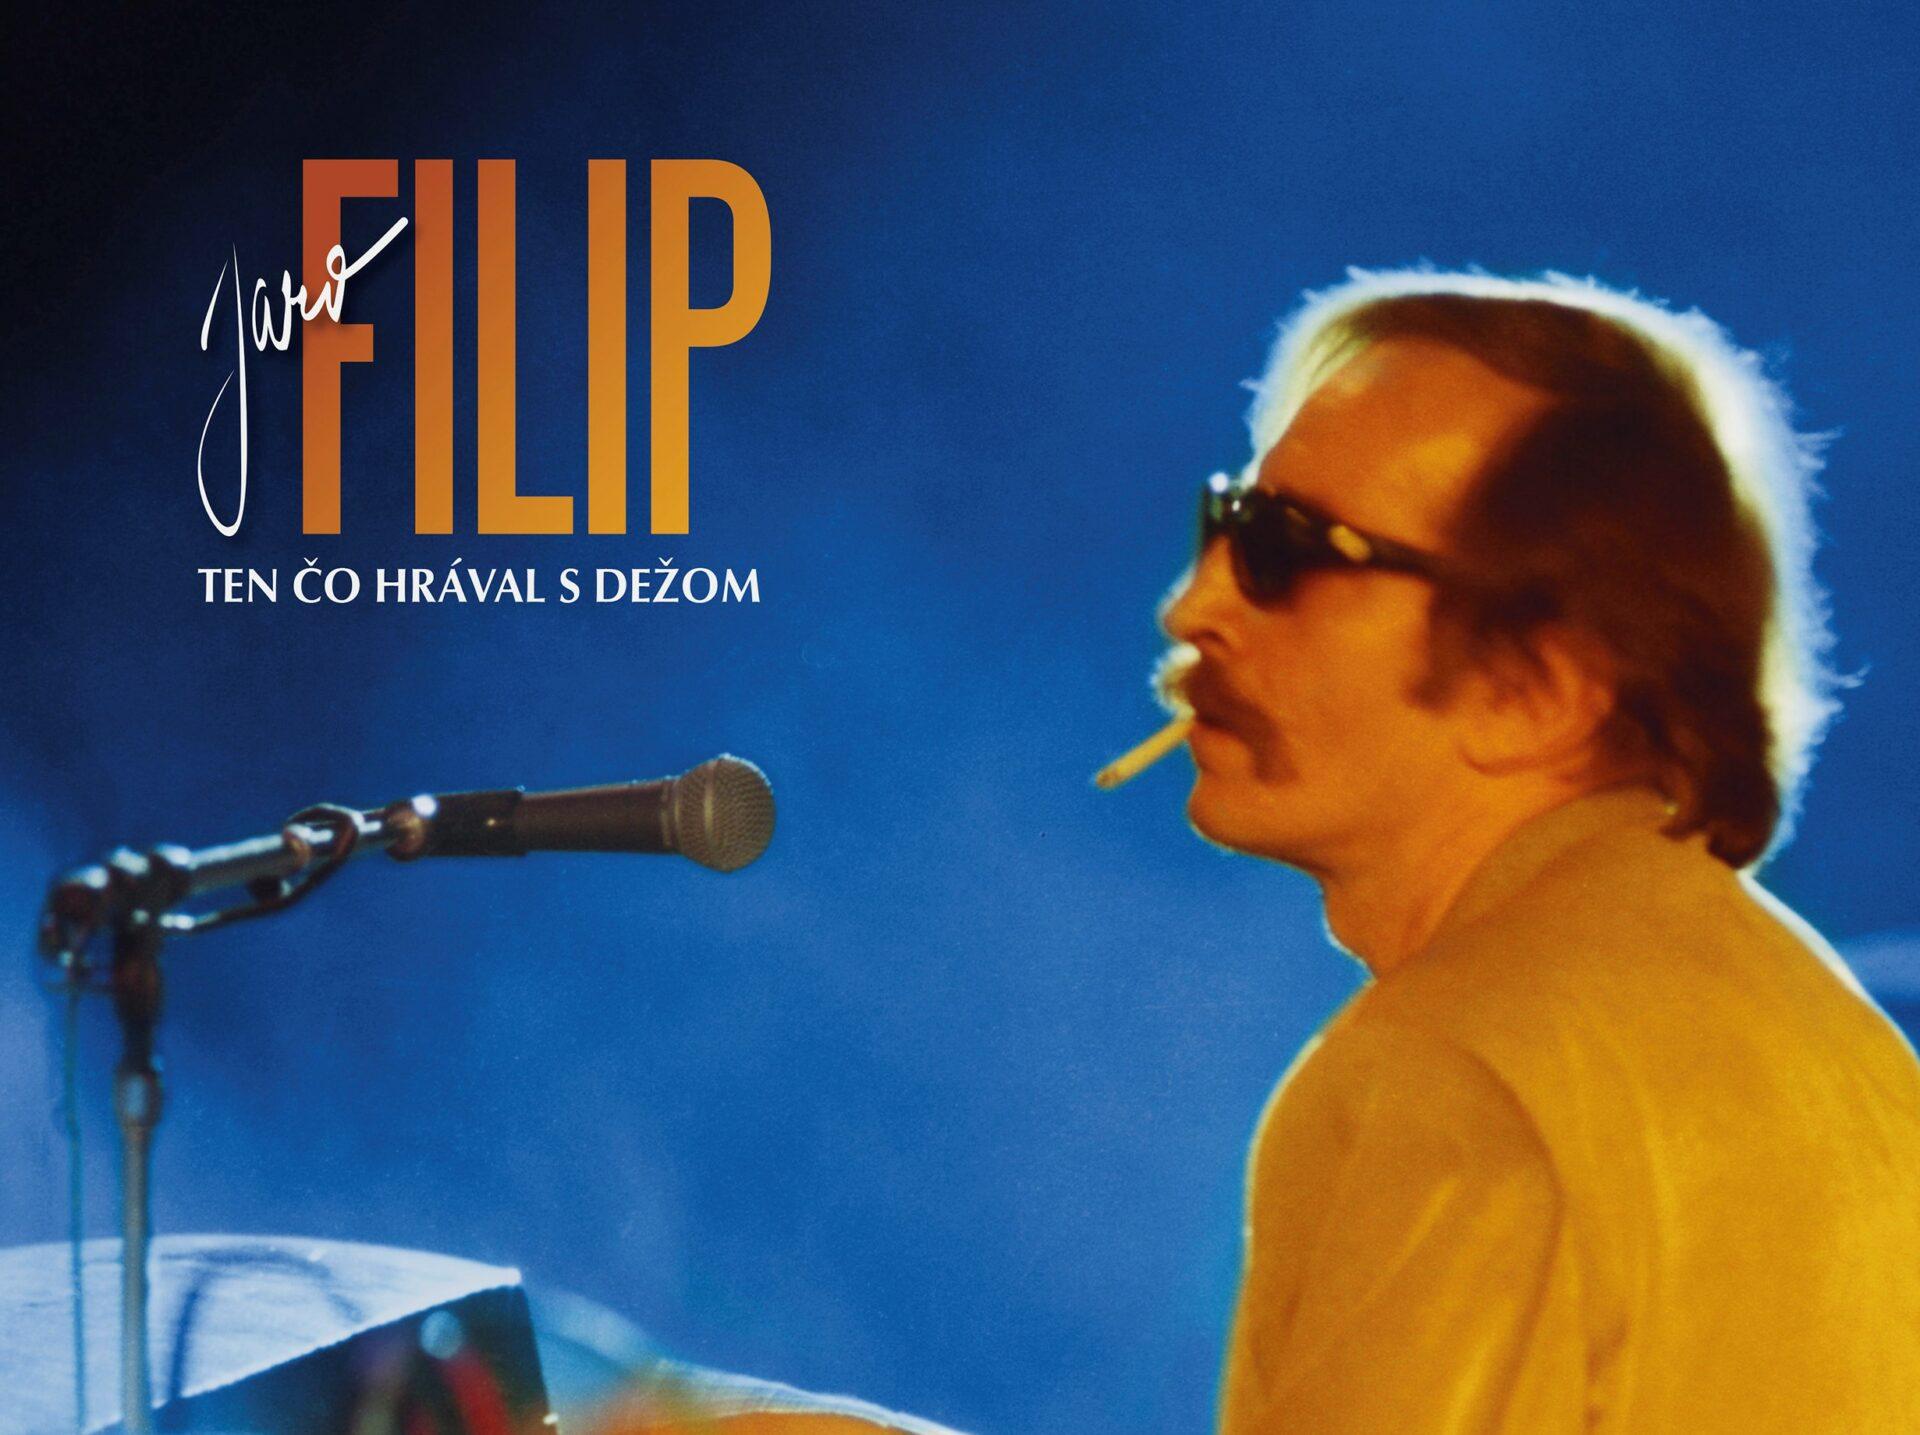 Album Jara Filipa Ten čo hrával s Dežom vychádza v reedícii na CD aj LP